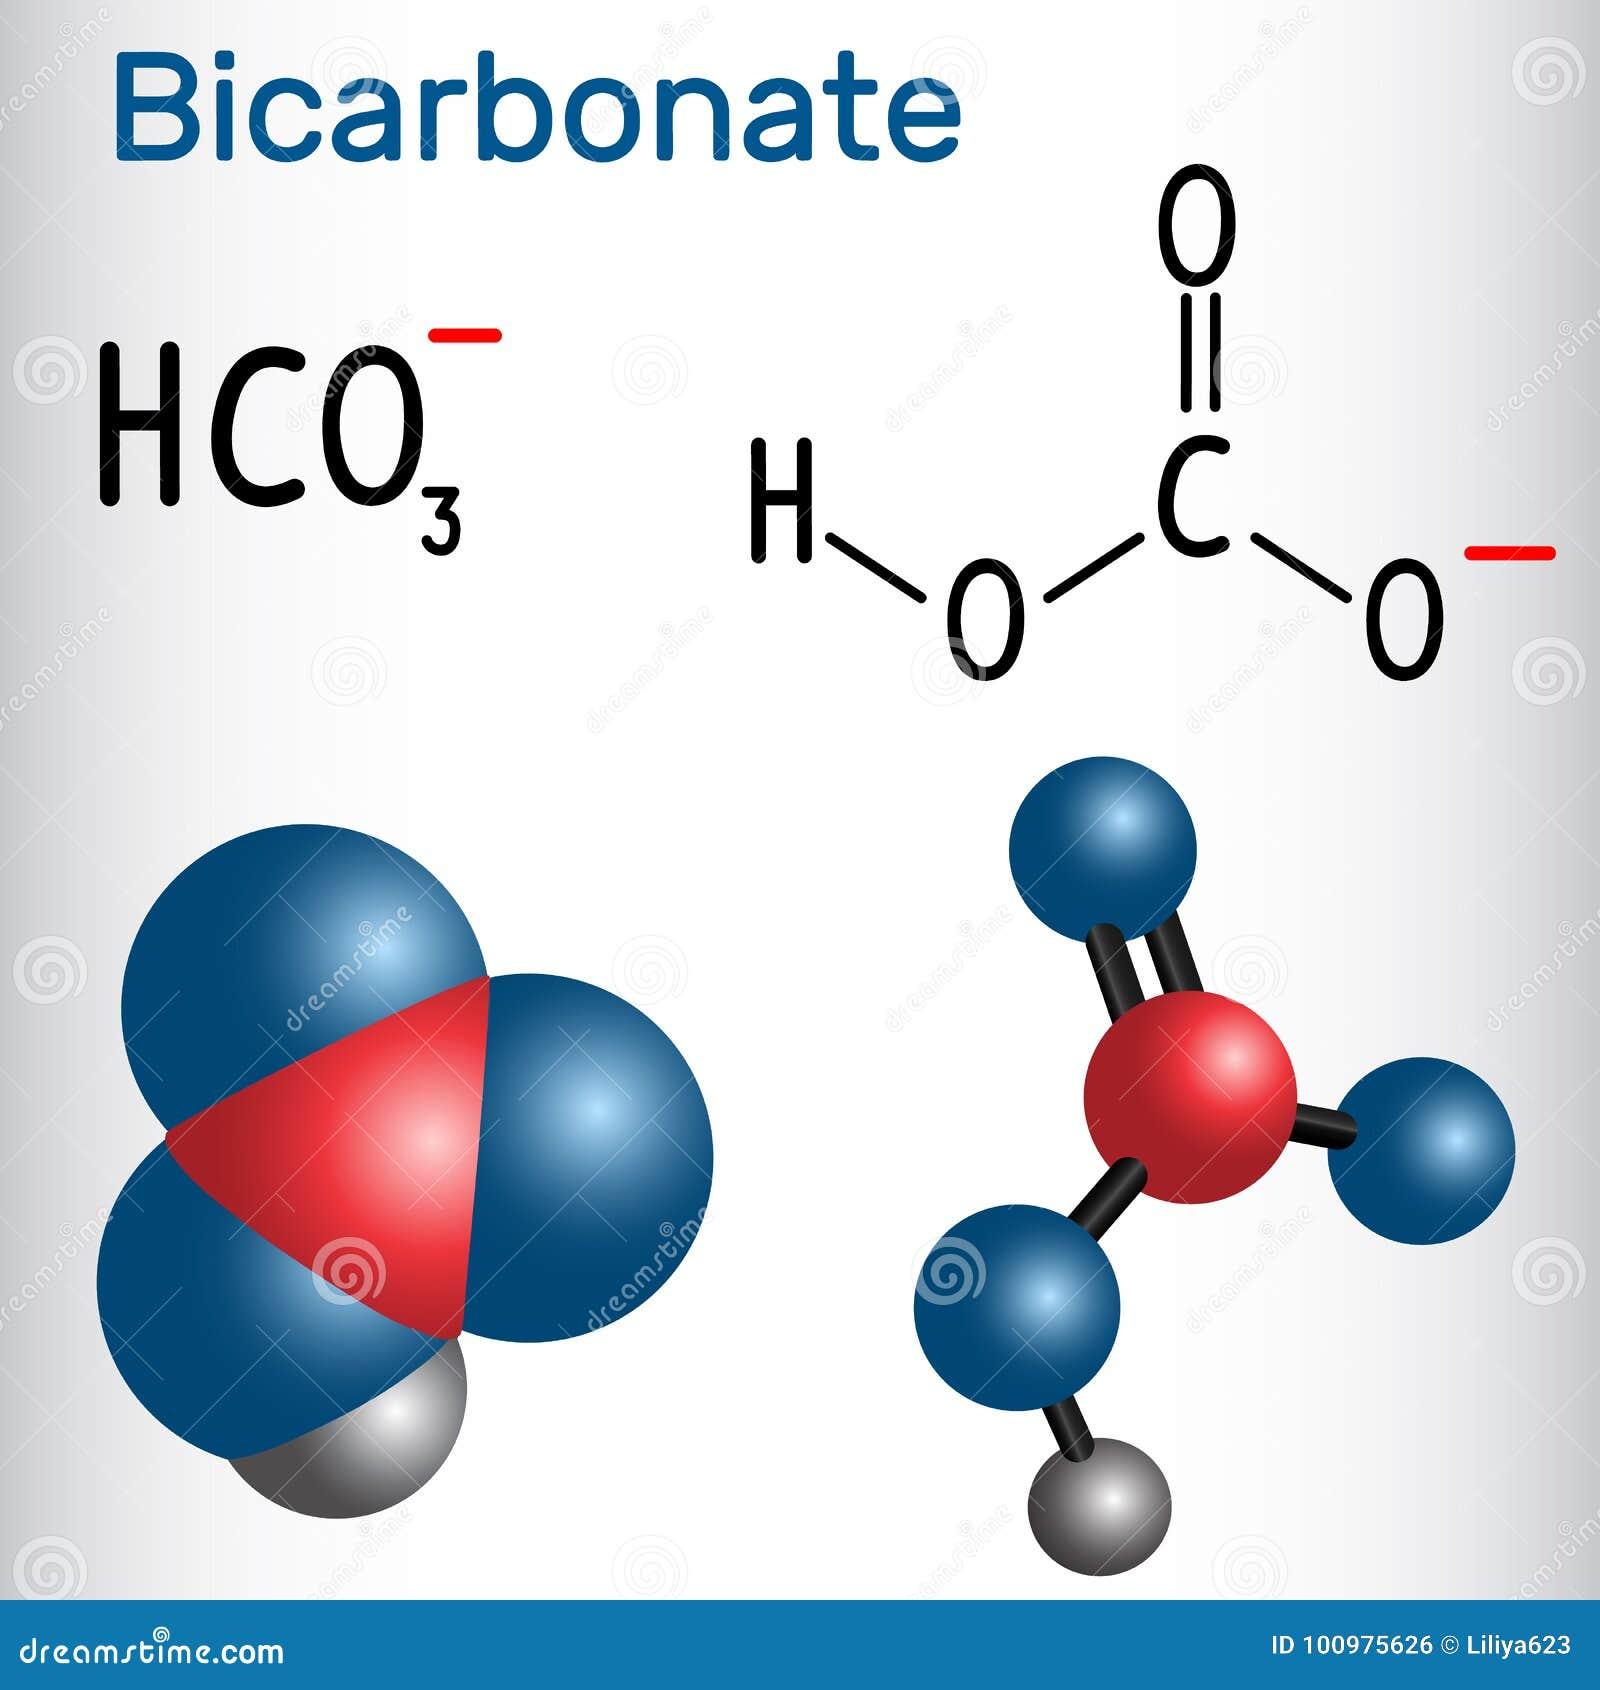 Bikarbonatsanion Hco3 Strukturelle Chemische Formel Und